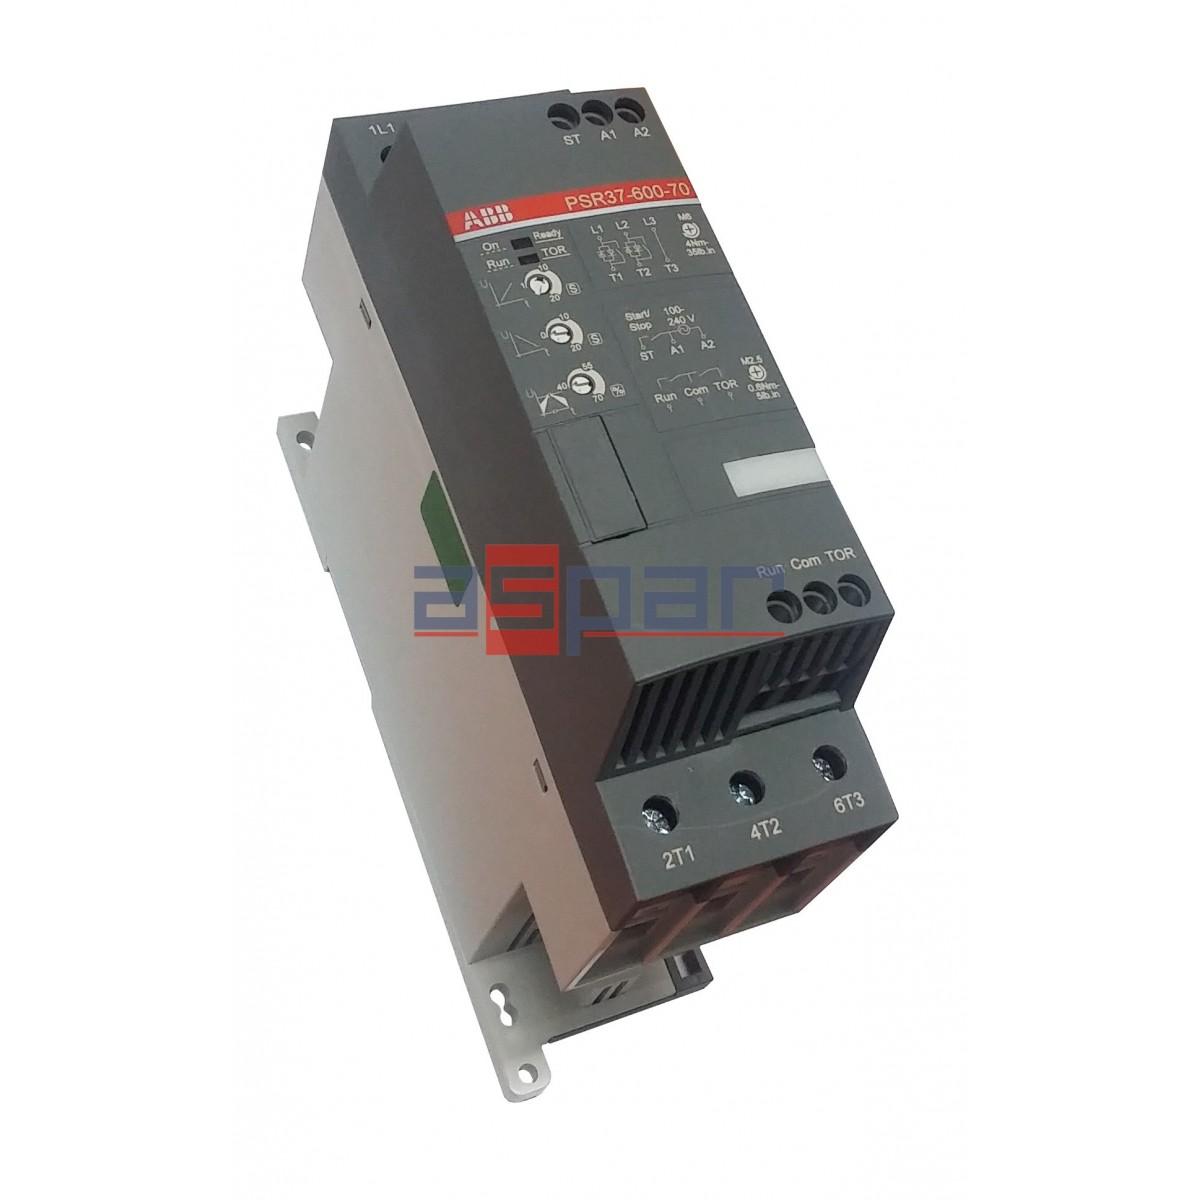 PSR37-600-70